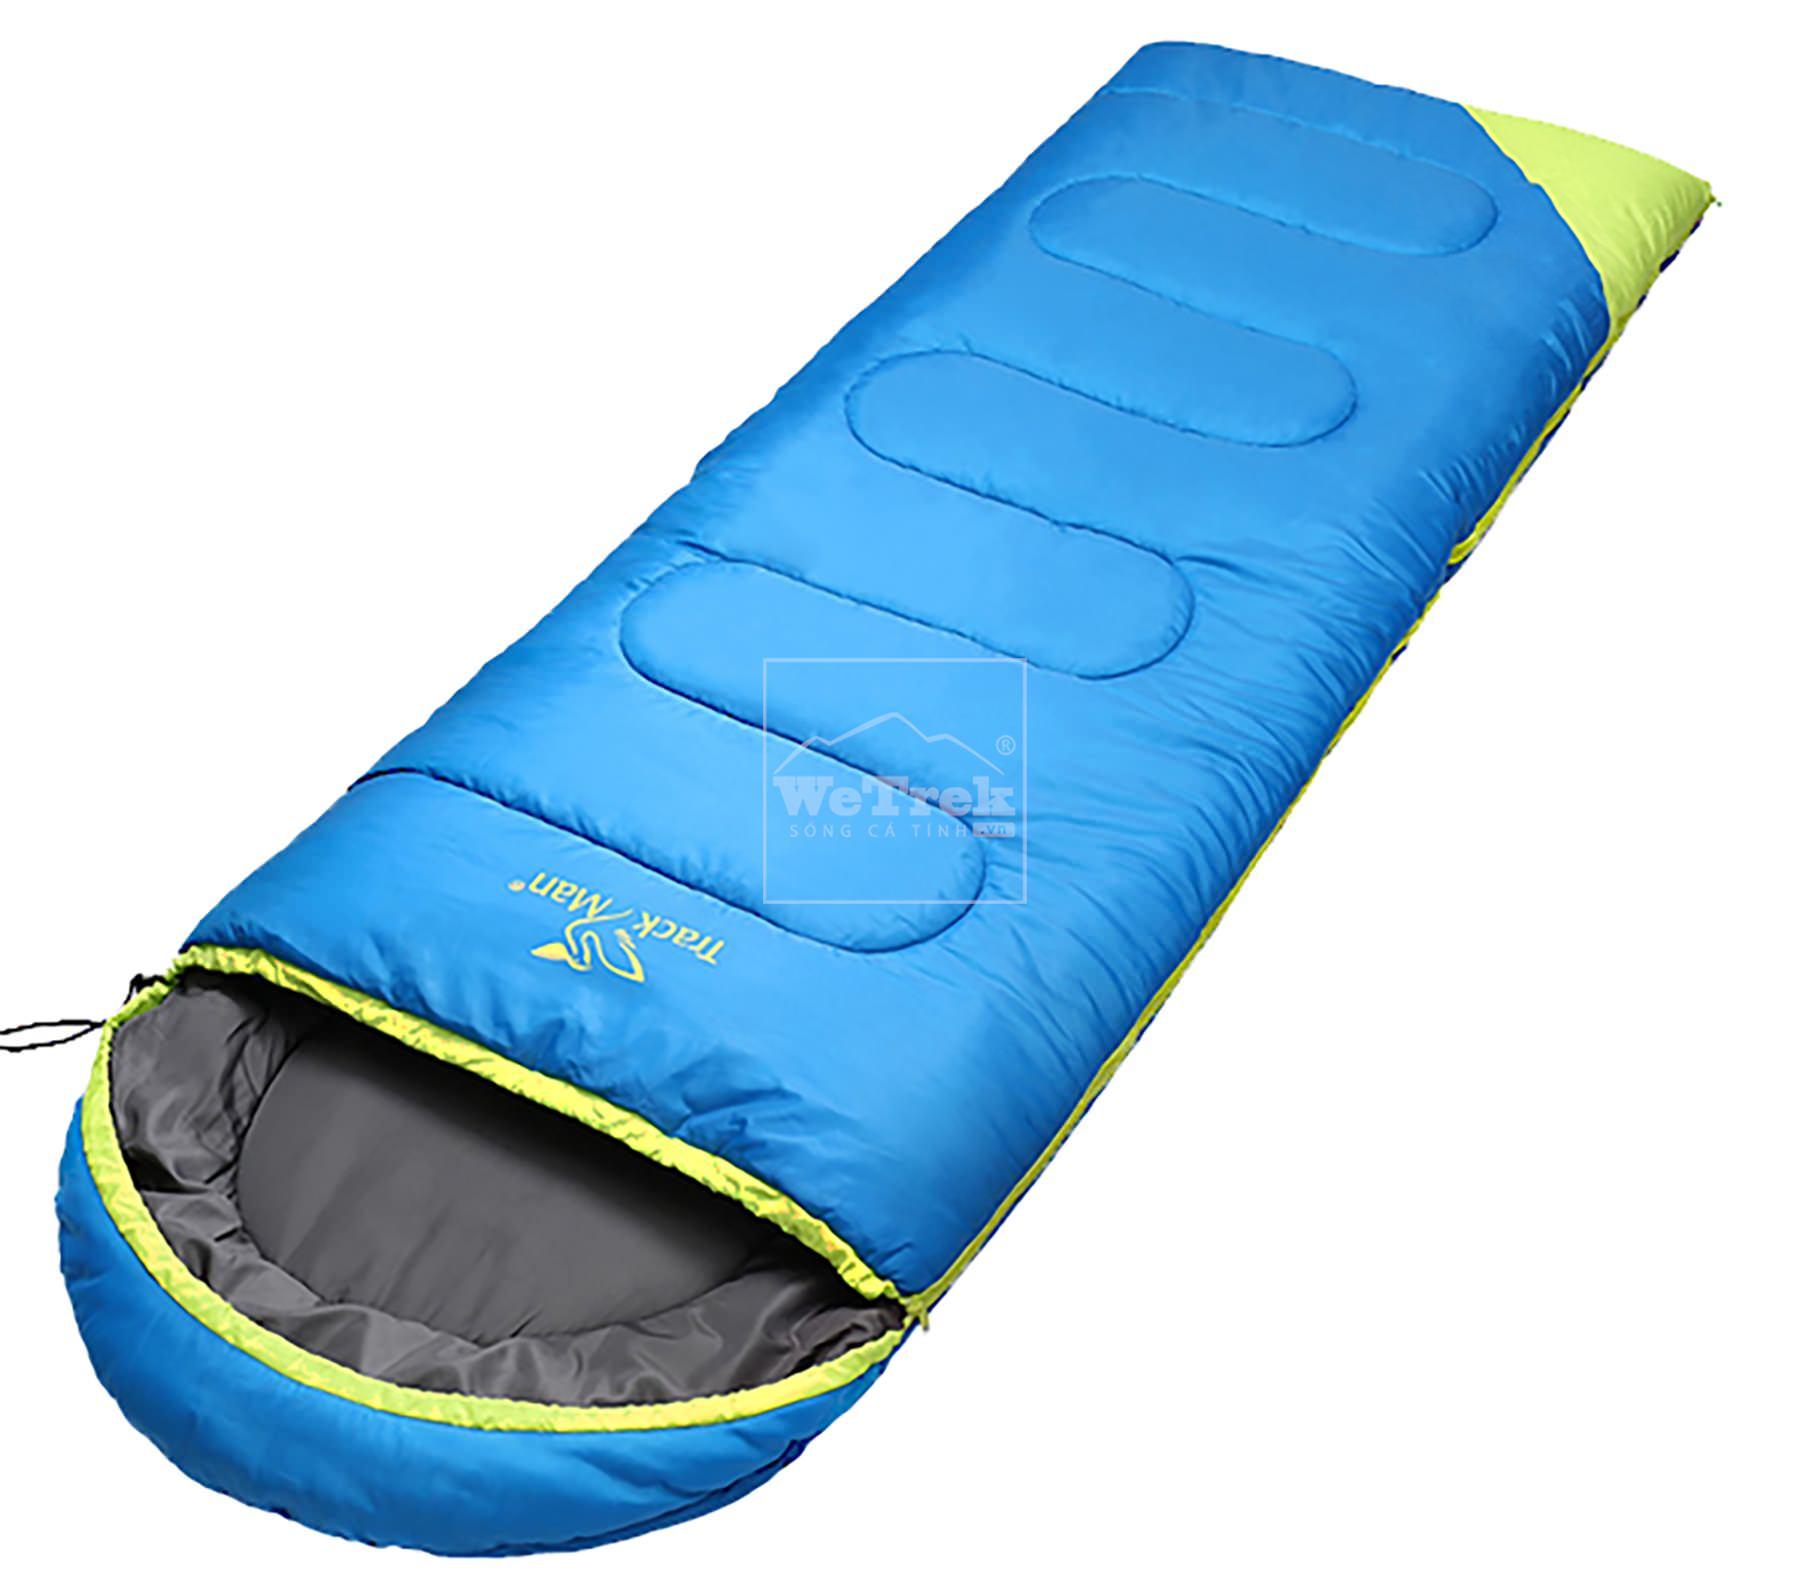 Túi ngủ Track Man Sleeping Bag TM3211 300g - 7945